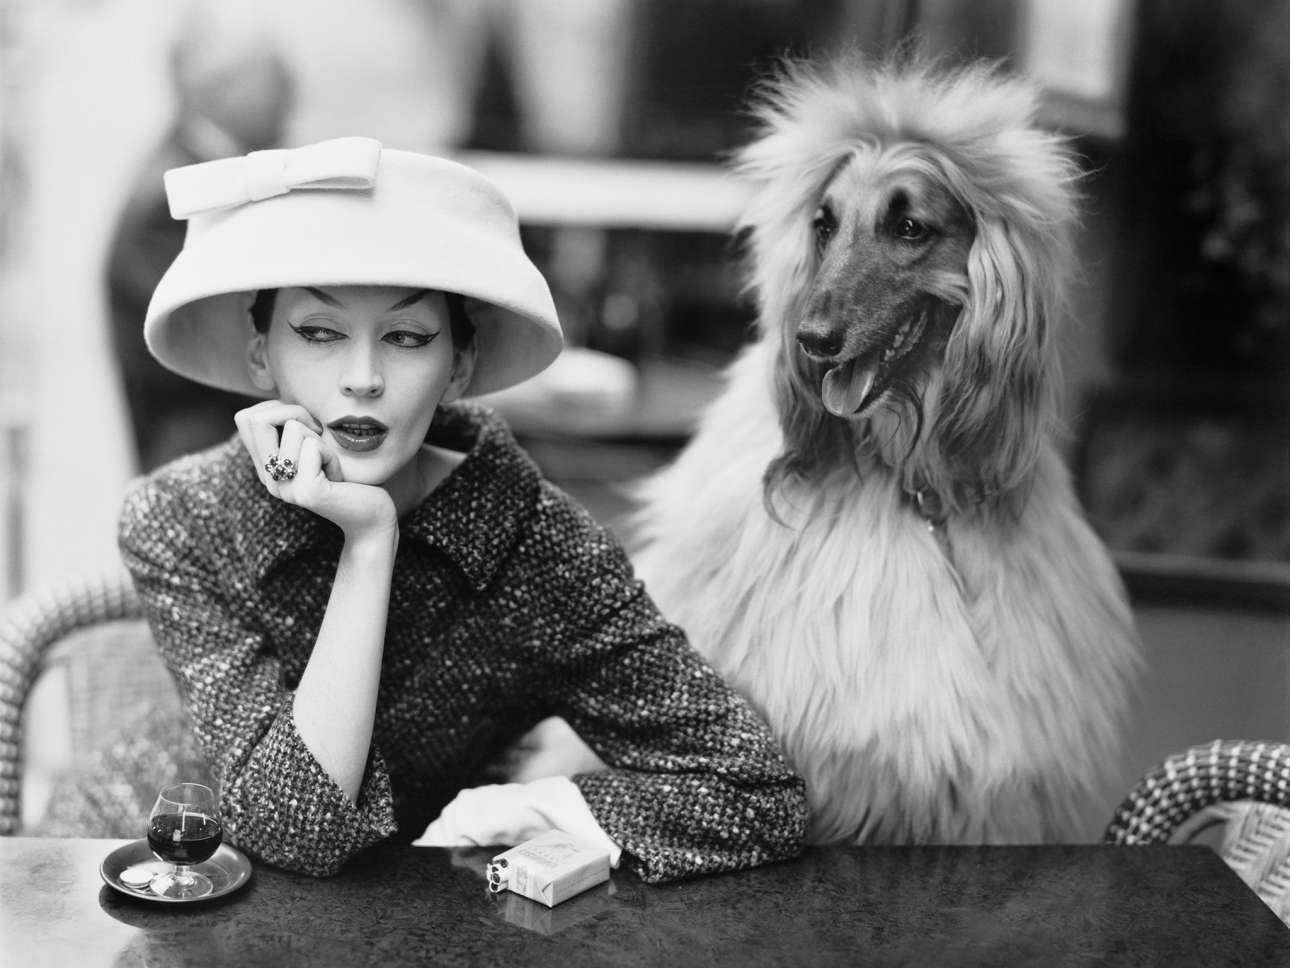 Το μοντέλο Ντοβίμα φορώντας Balenciaga κοστούμι και καπέλο ποζάρει στο θρυλικό παριζιάνικο καφέ «Les Deux Magots», το 1955